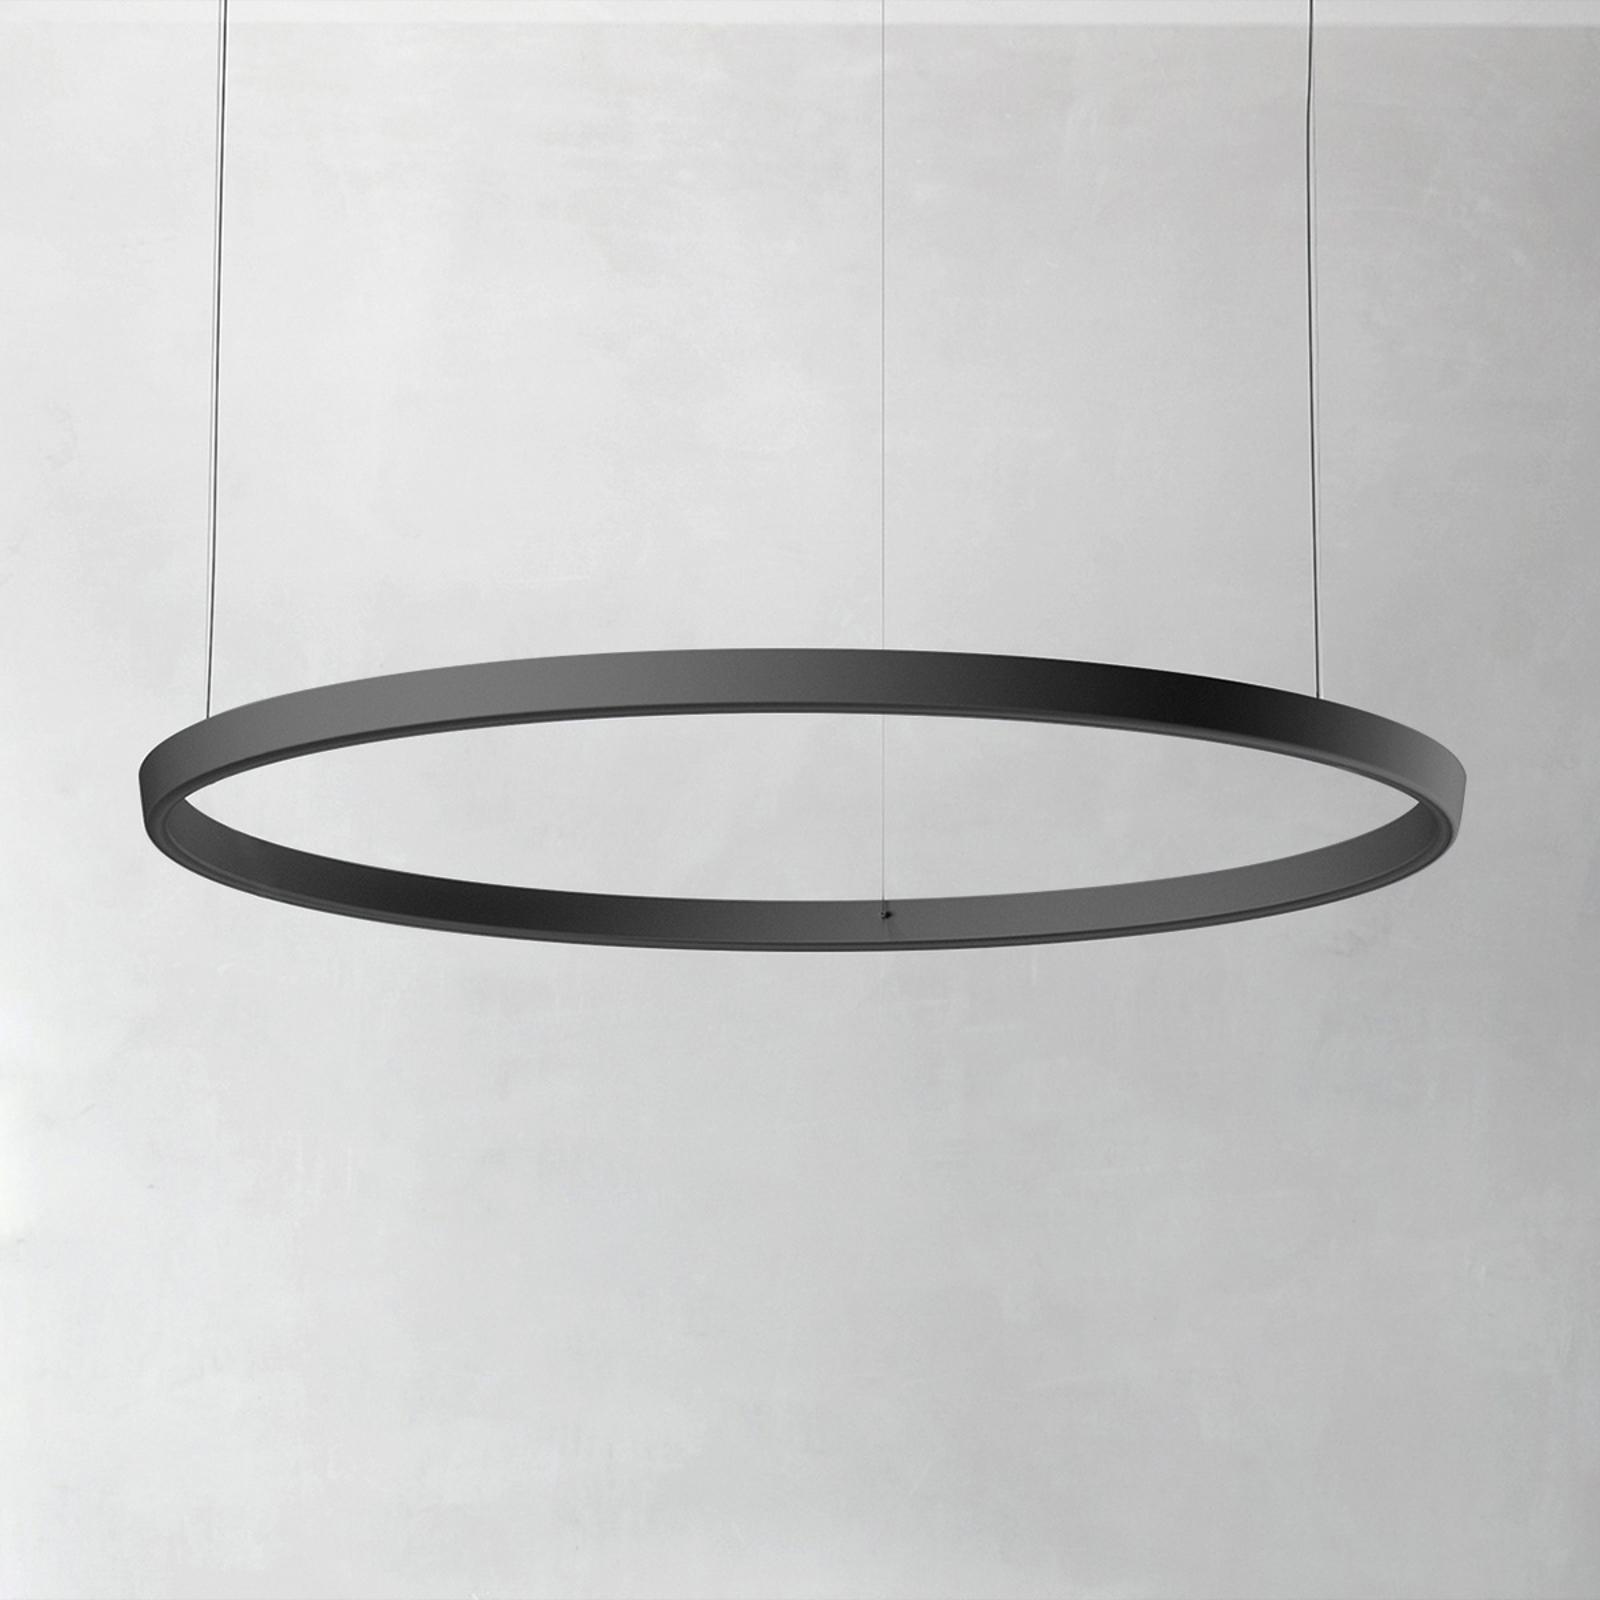 Luceplan Compendium Circle 110 cm, musta